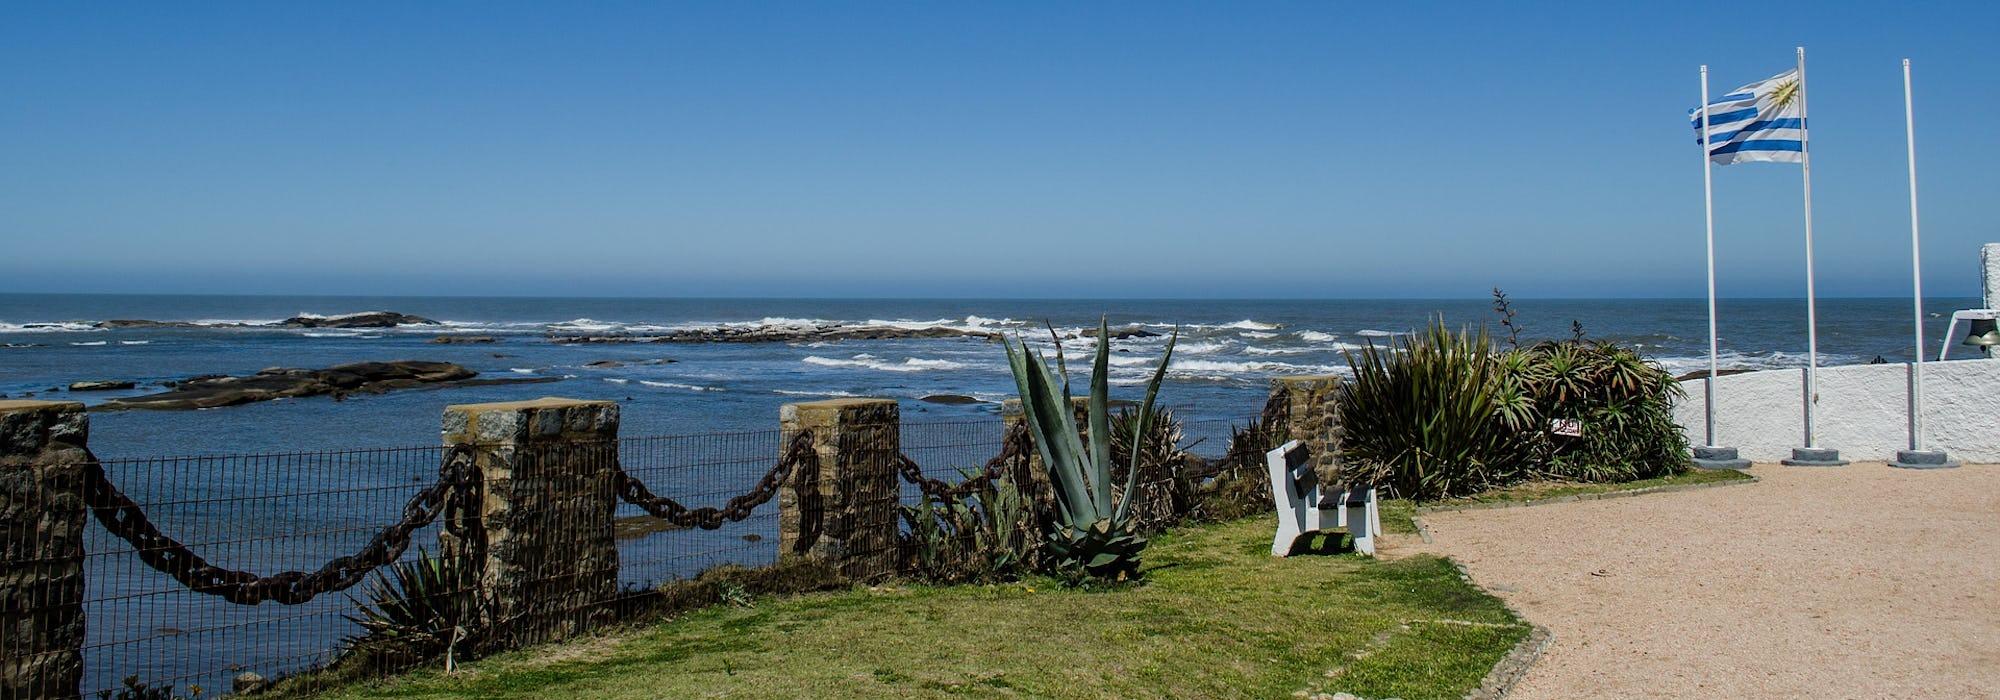 Montevideos kustlinje med havet och flaggan för Uruguay som vajar till höger.